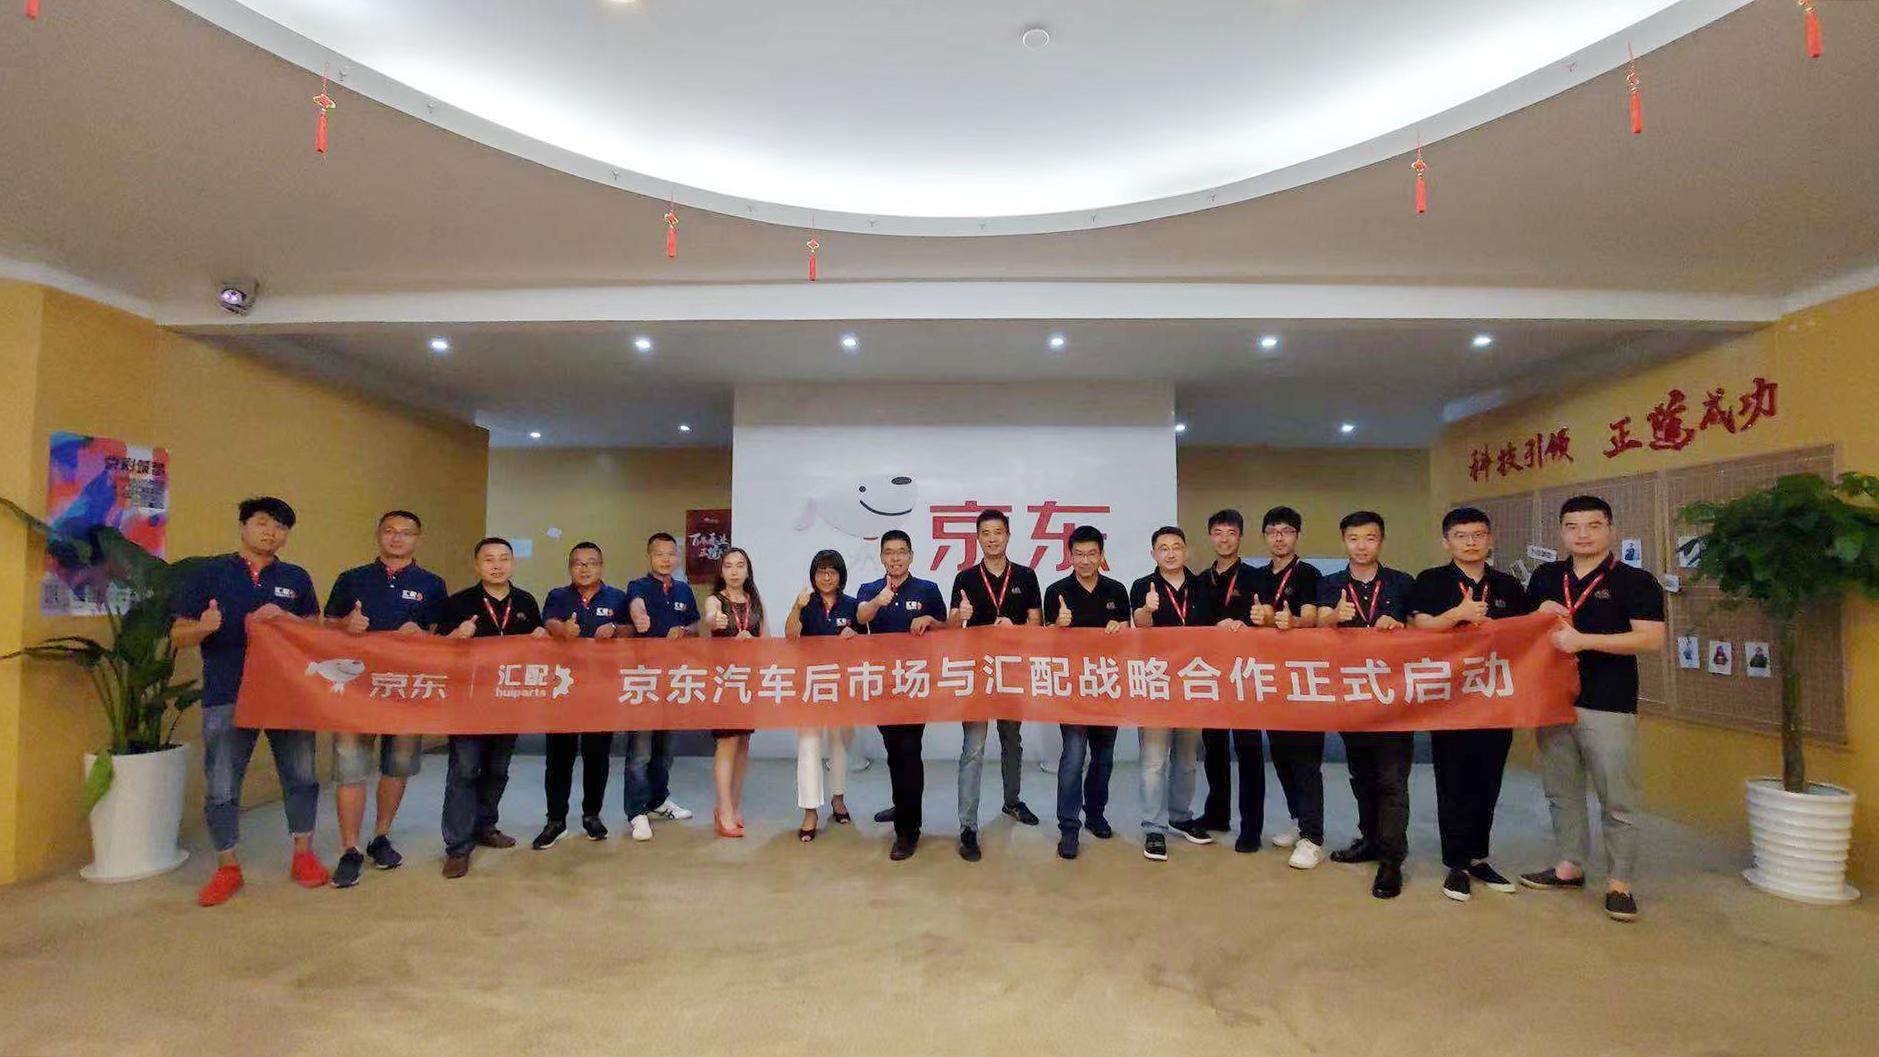 京東與上海匯配達成戰略合作——共同深耕全車件交易領域